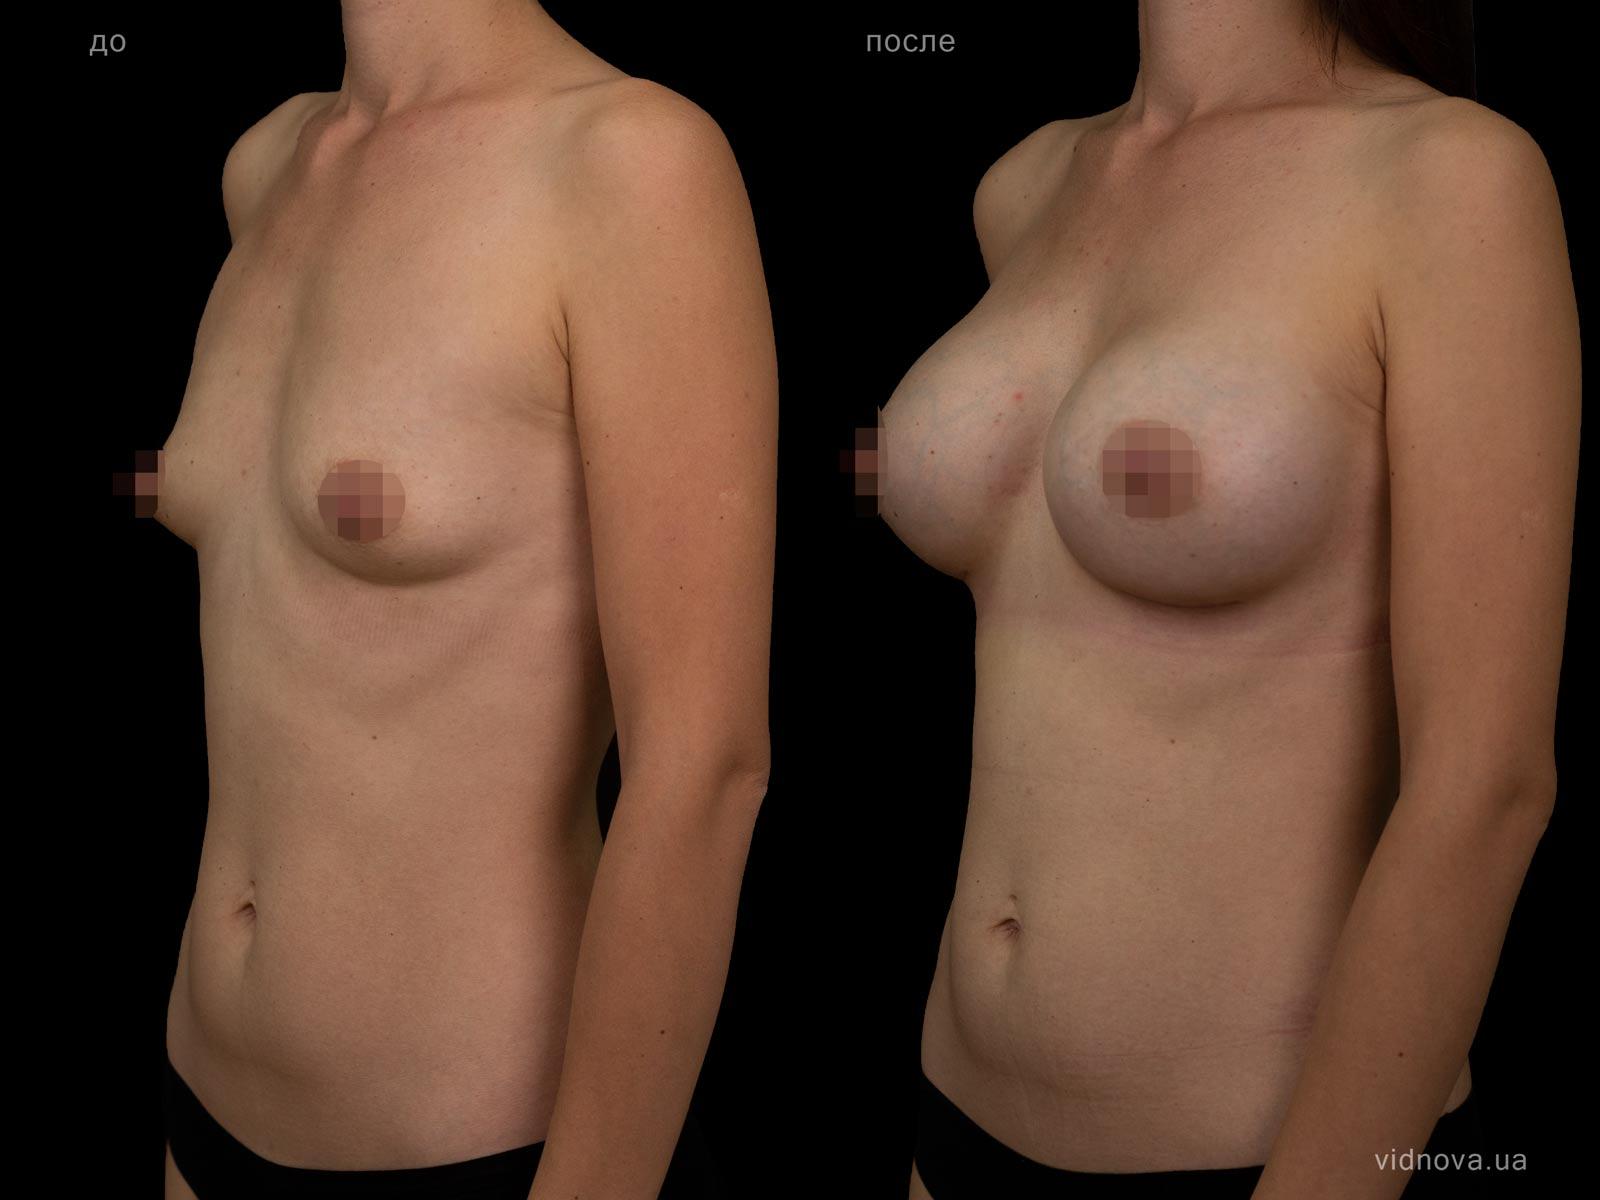 Пластика груди: результаты до и после - Пример №102-1 - Светлана Работенко